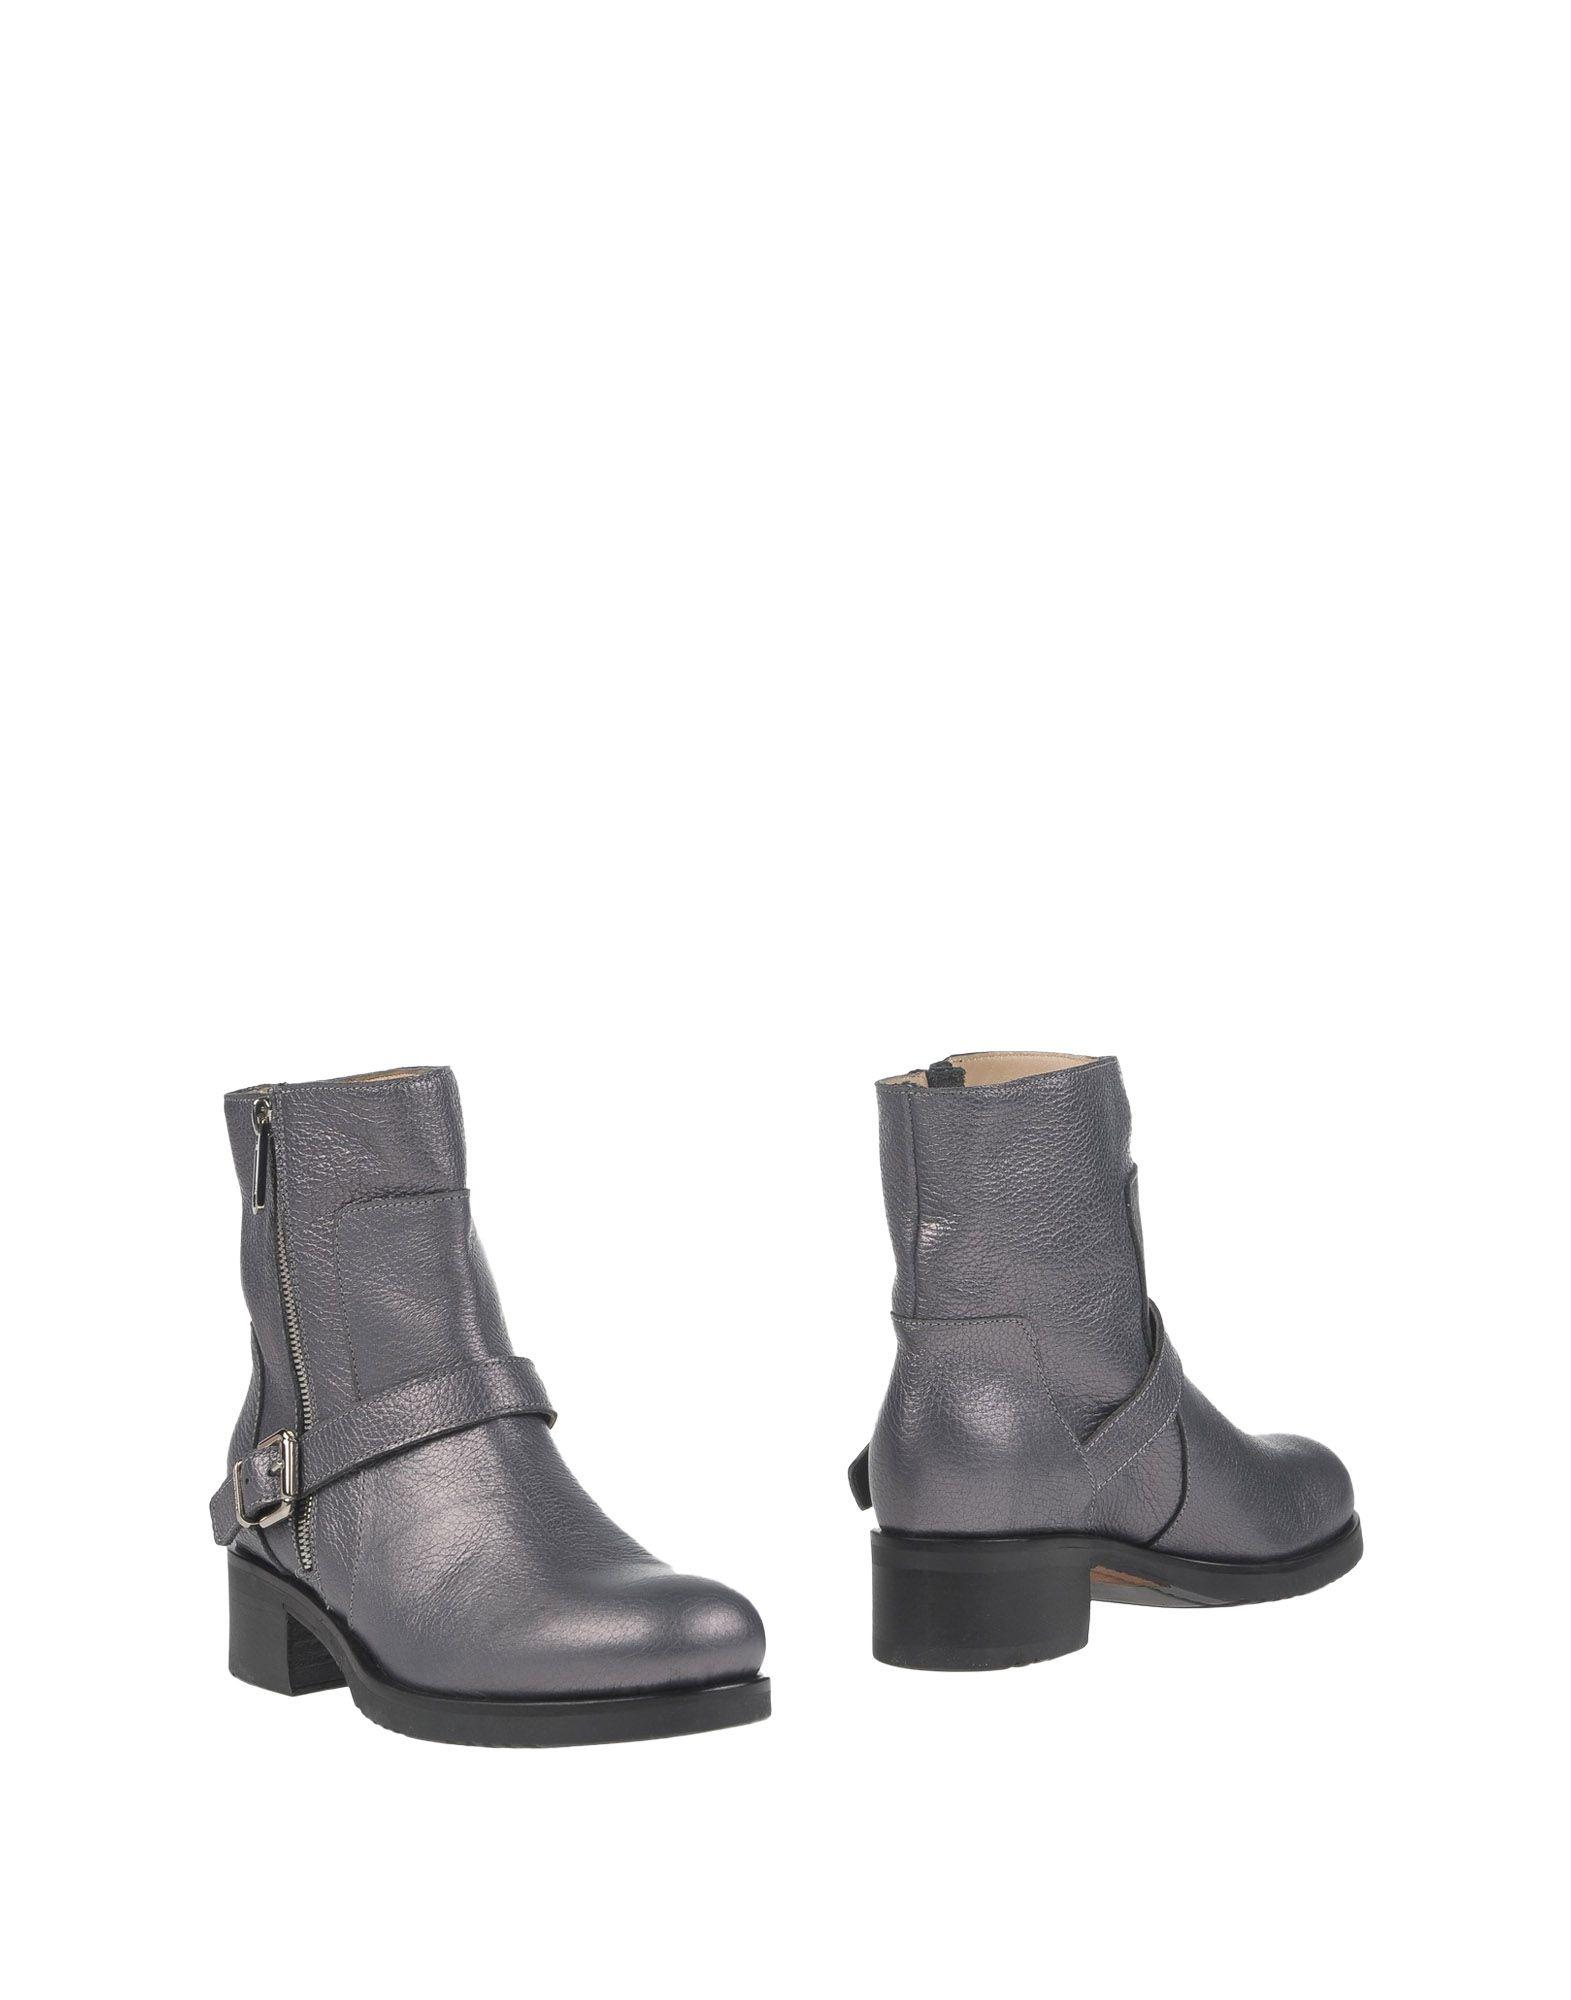 Фото LIU •JO SHOES Полусапоги и высокие ботинки. Купить с доставкой